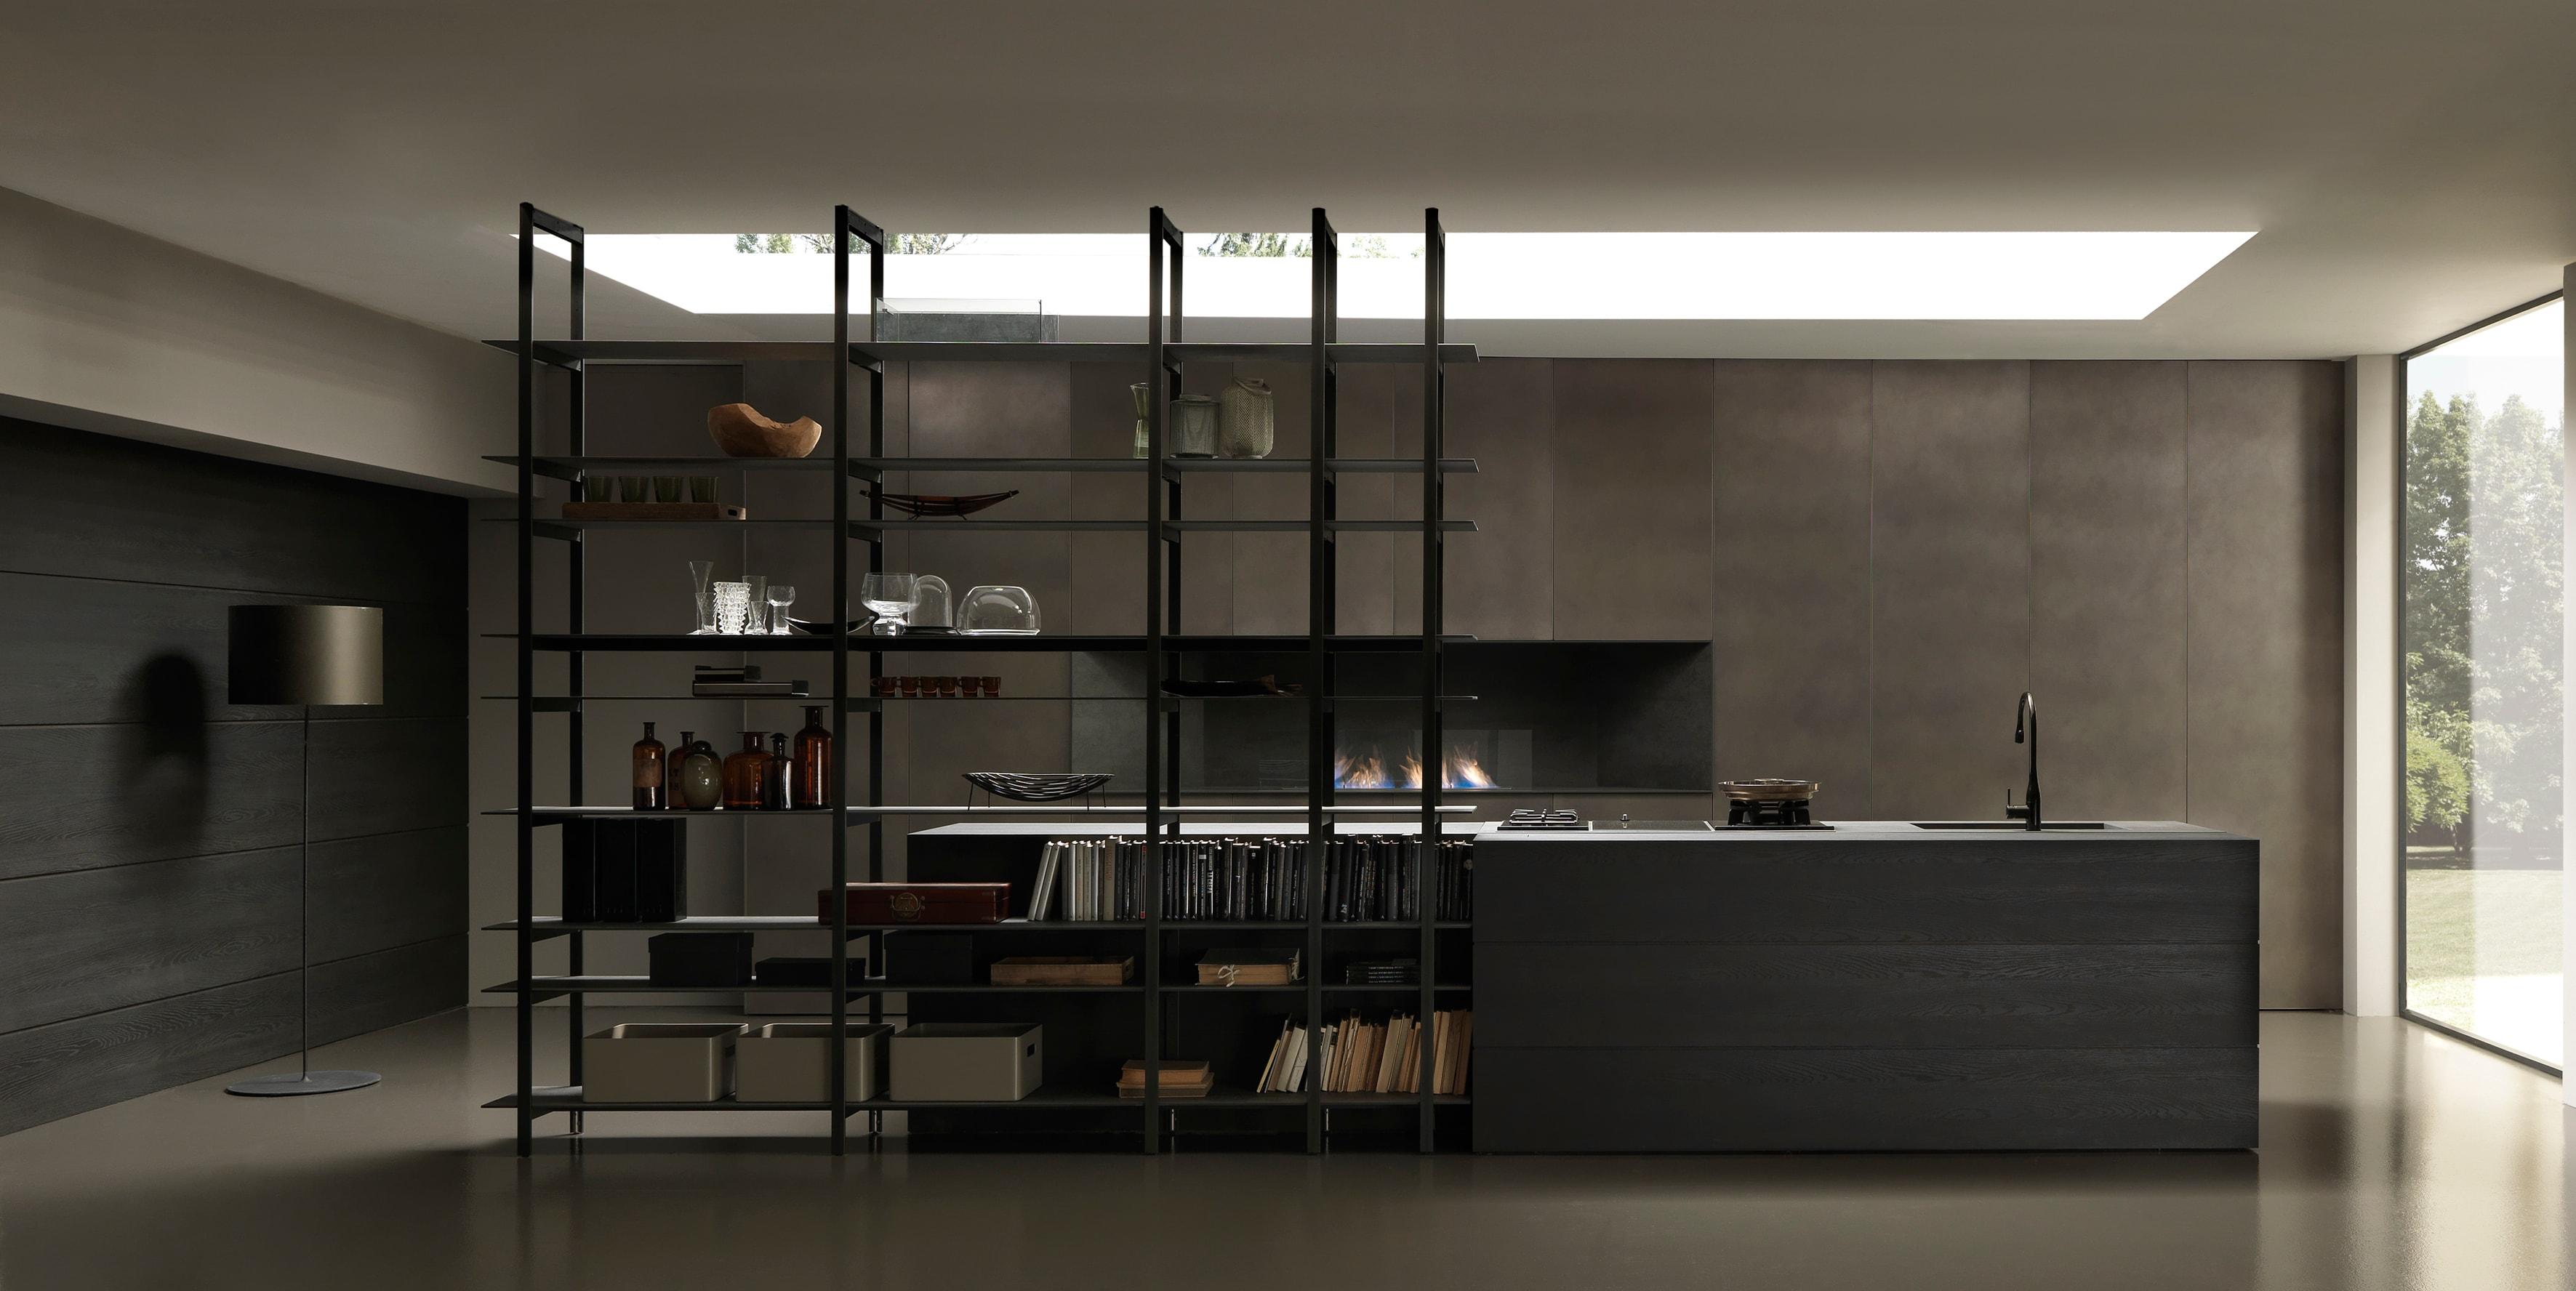 La rivoluzione progettuale in cucina – Interni Magazine